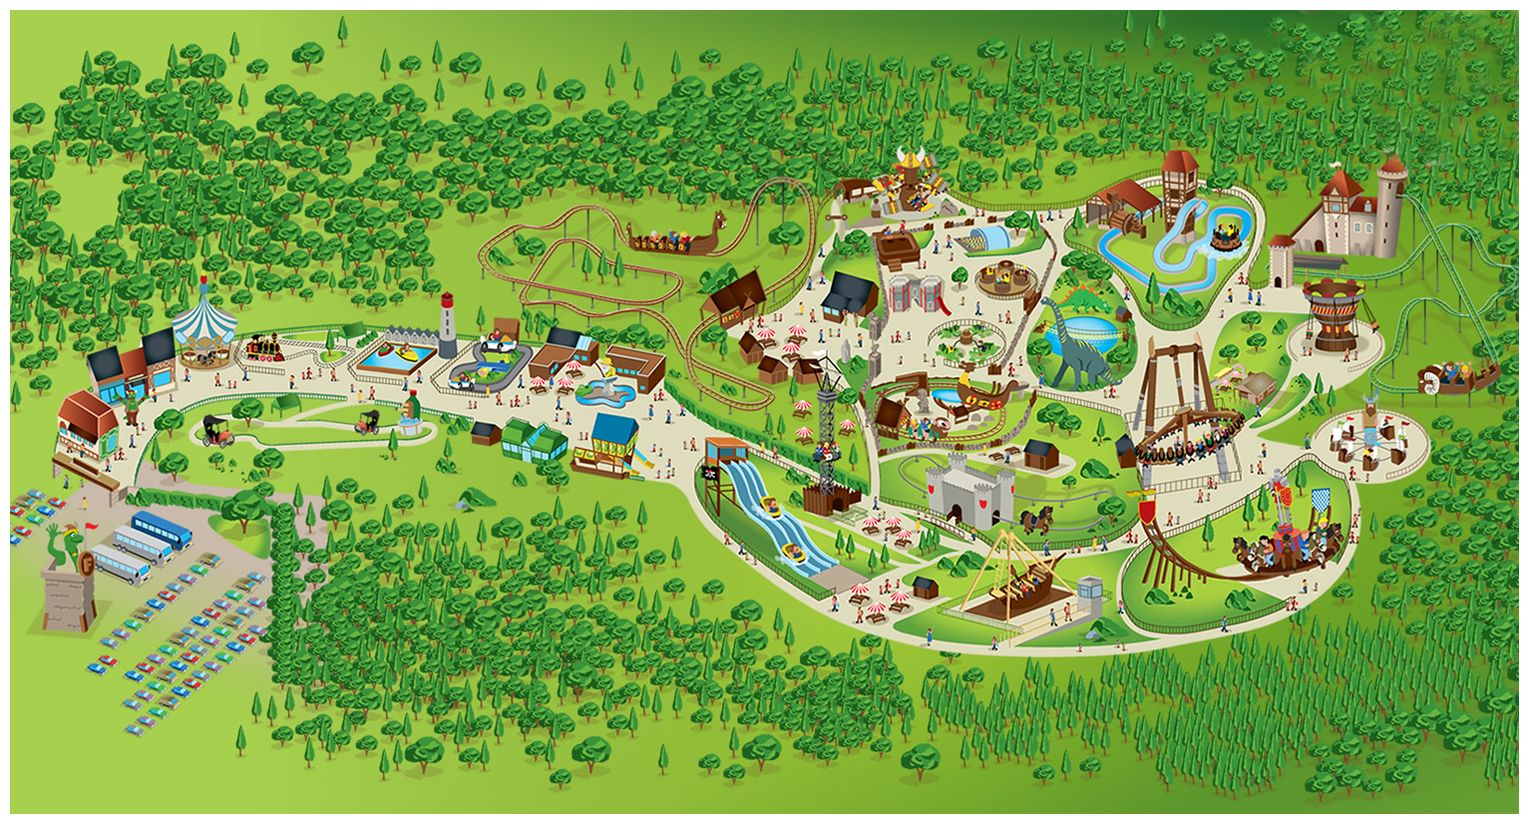 Plan du parc Festyland